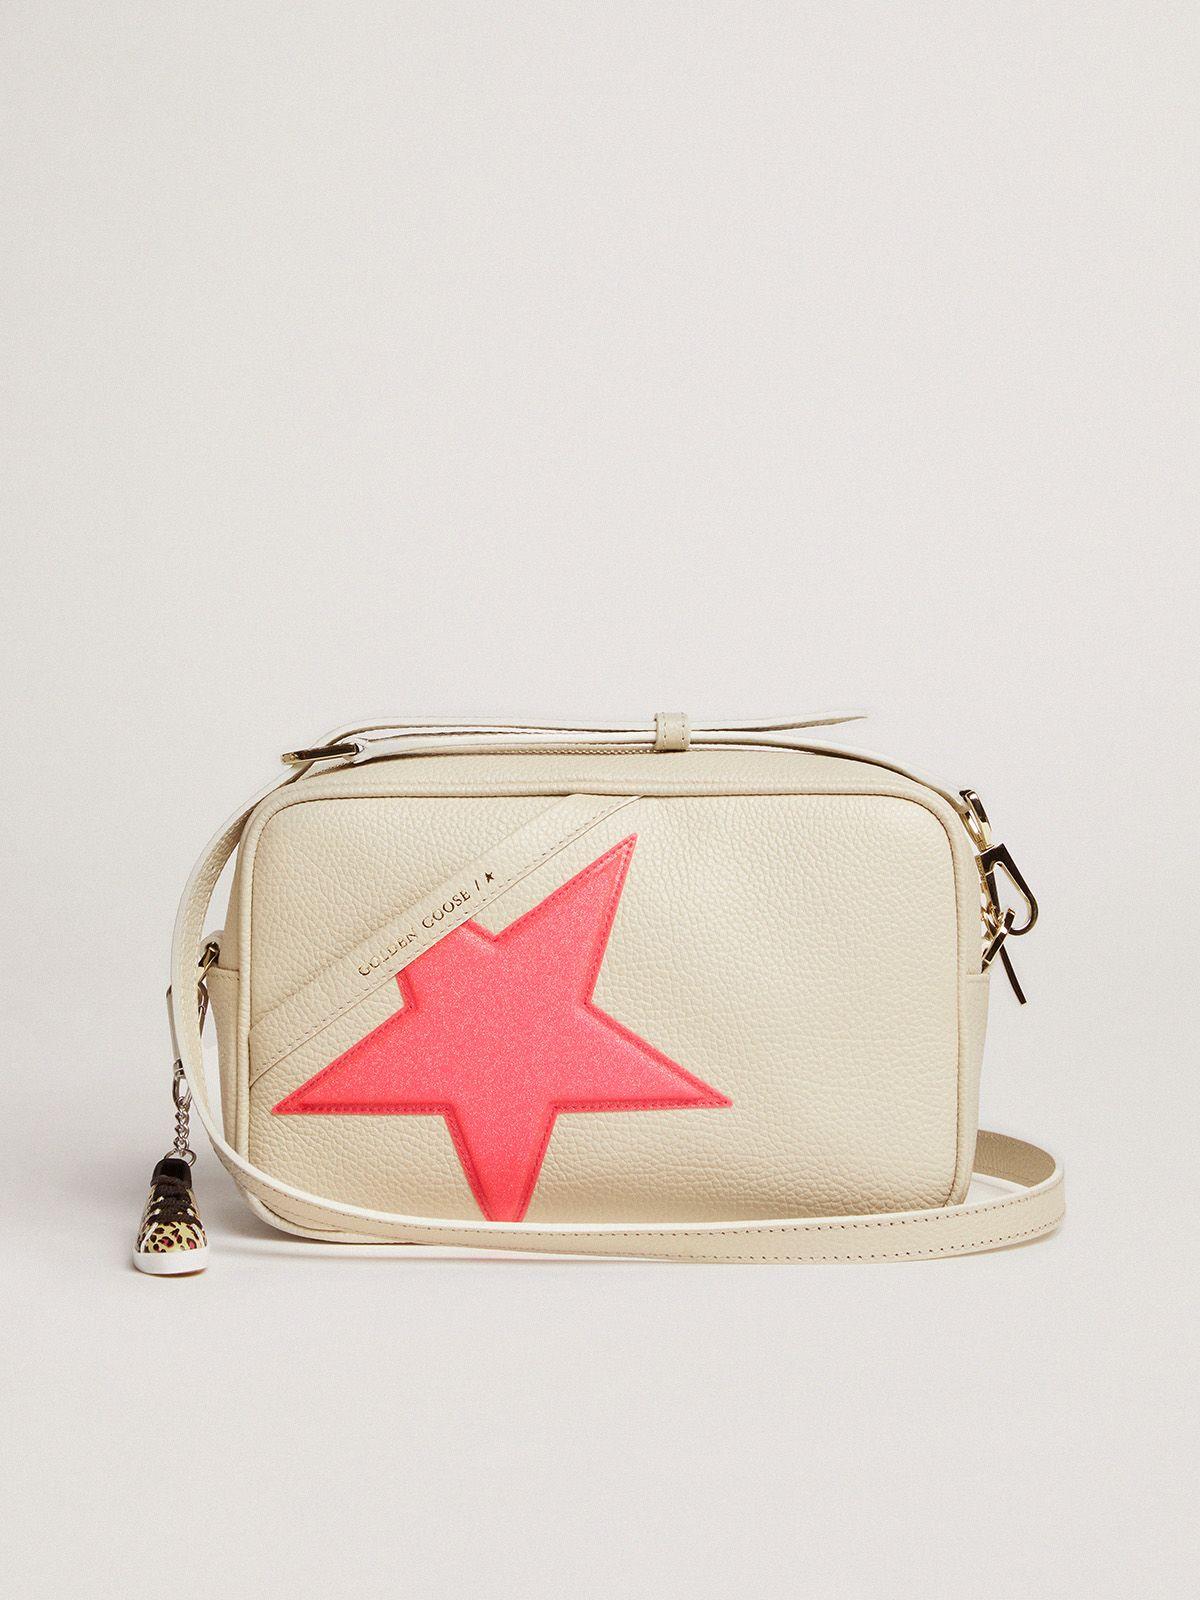 Golden Goose - Borsa Star Bag bianco latte in pelle martellata, stella fucsia Golden Goose con glitter iridescenti in